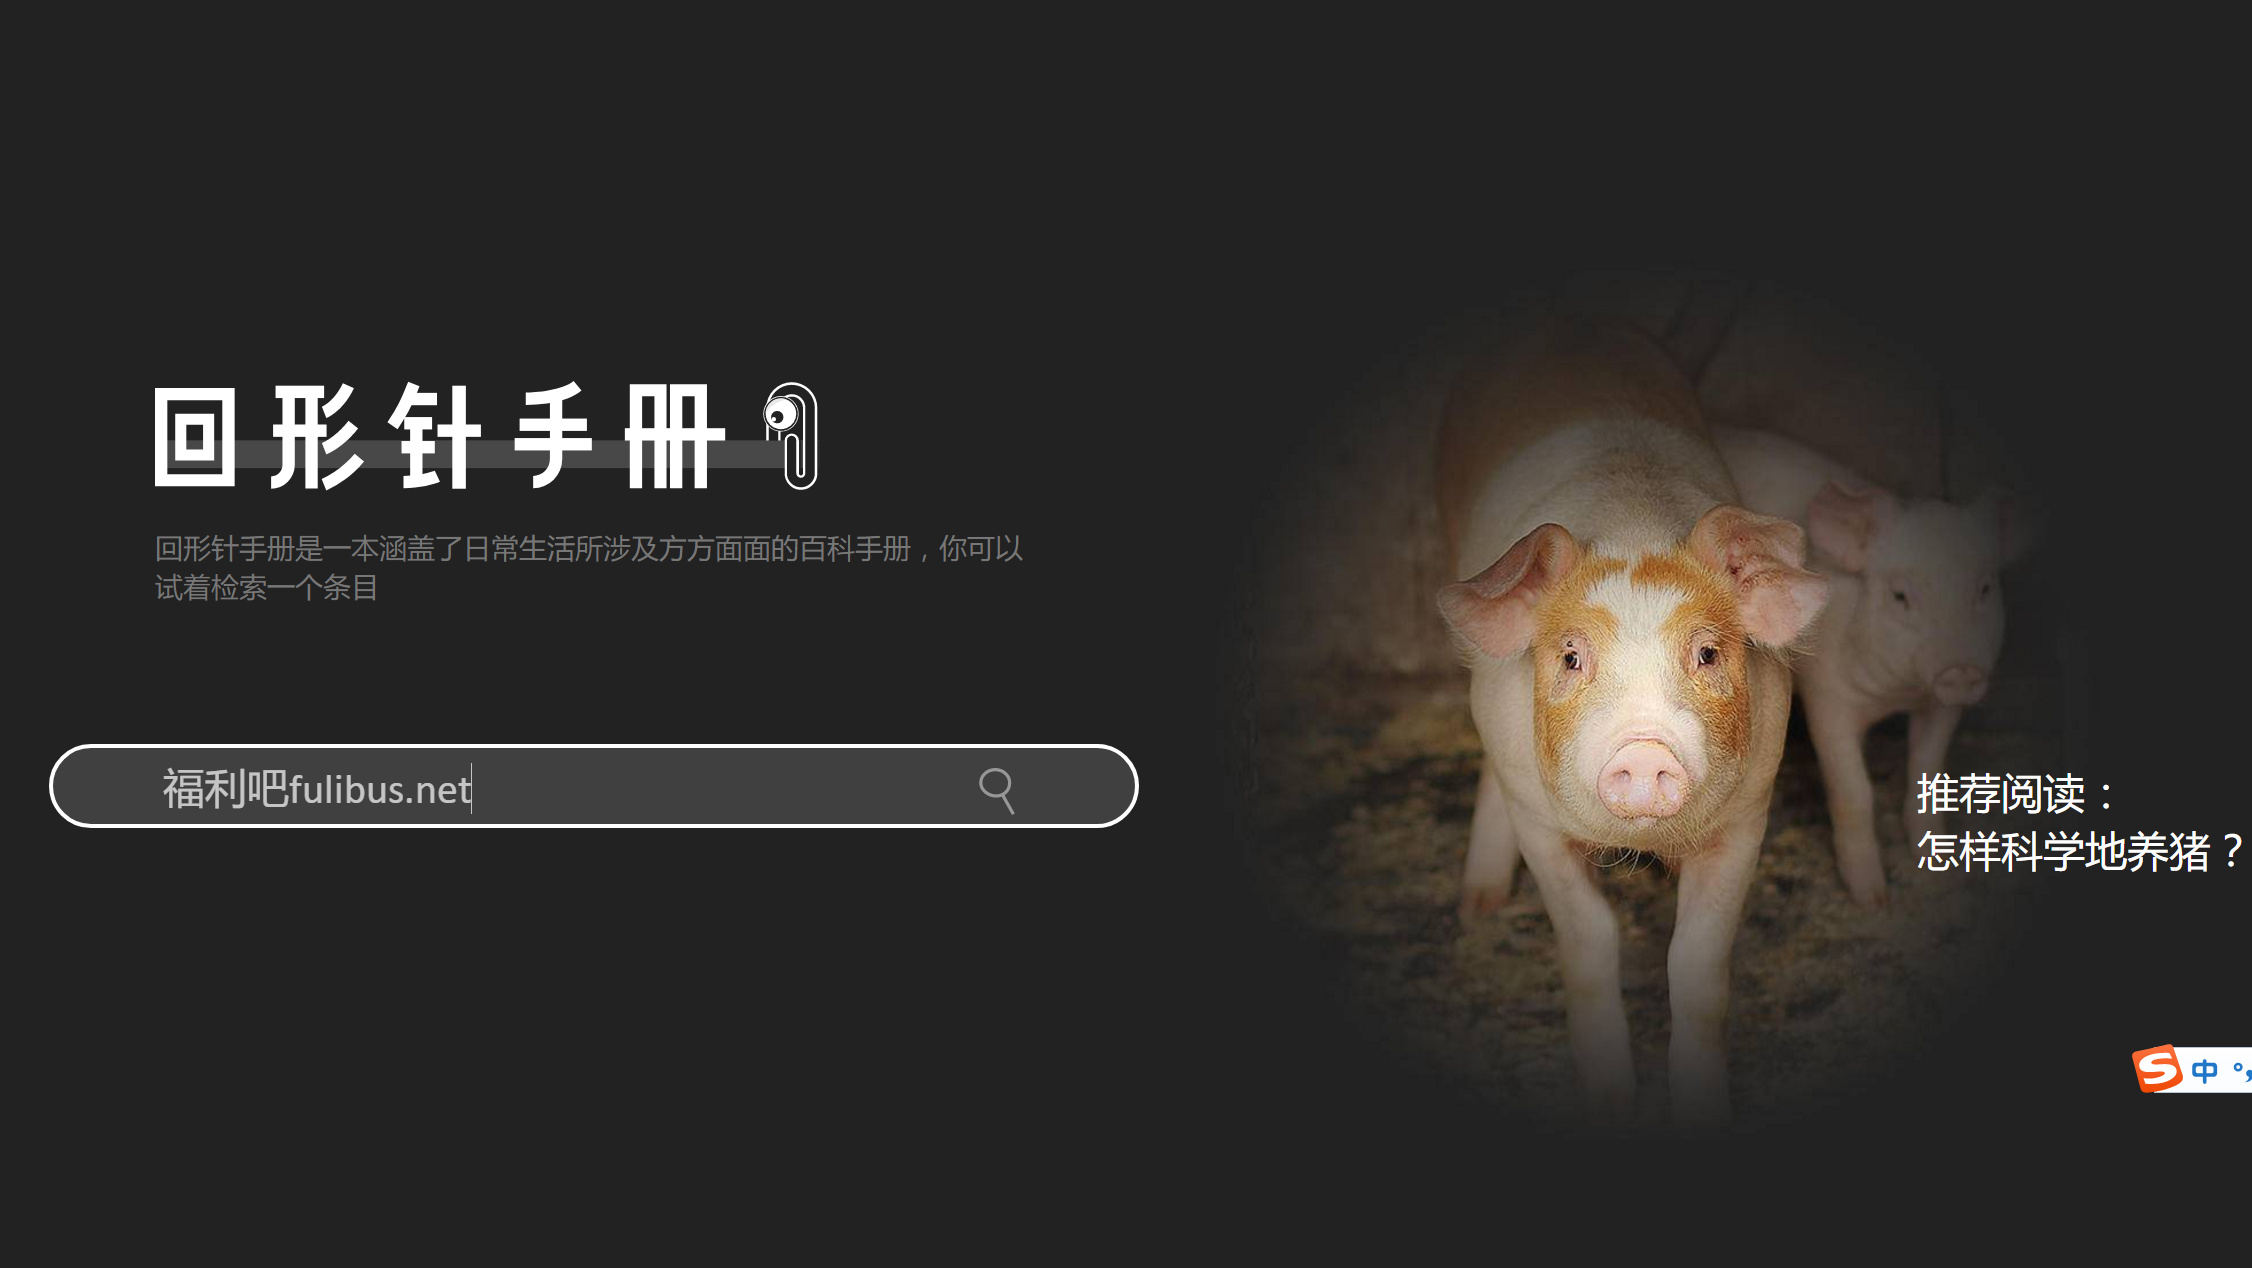 全网最趣味网站分享:今日热榜/Pixiv高级搜索/win10激活工具/songtaste复活/sharesome汤不热替代者